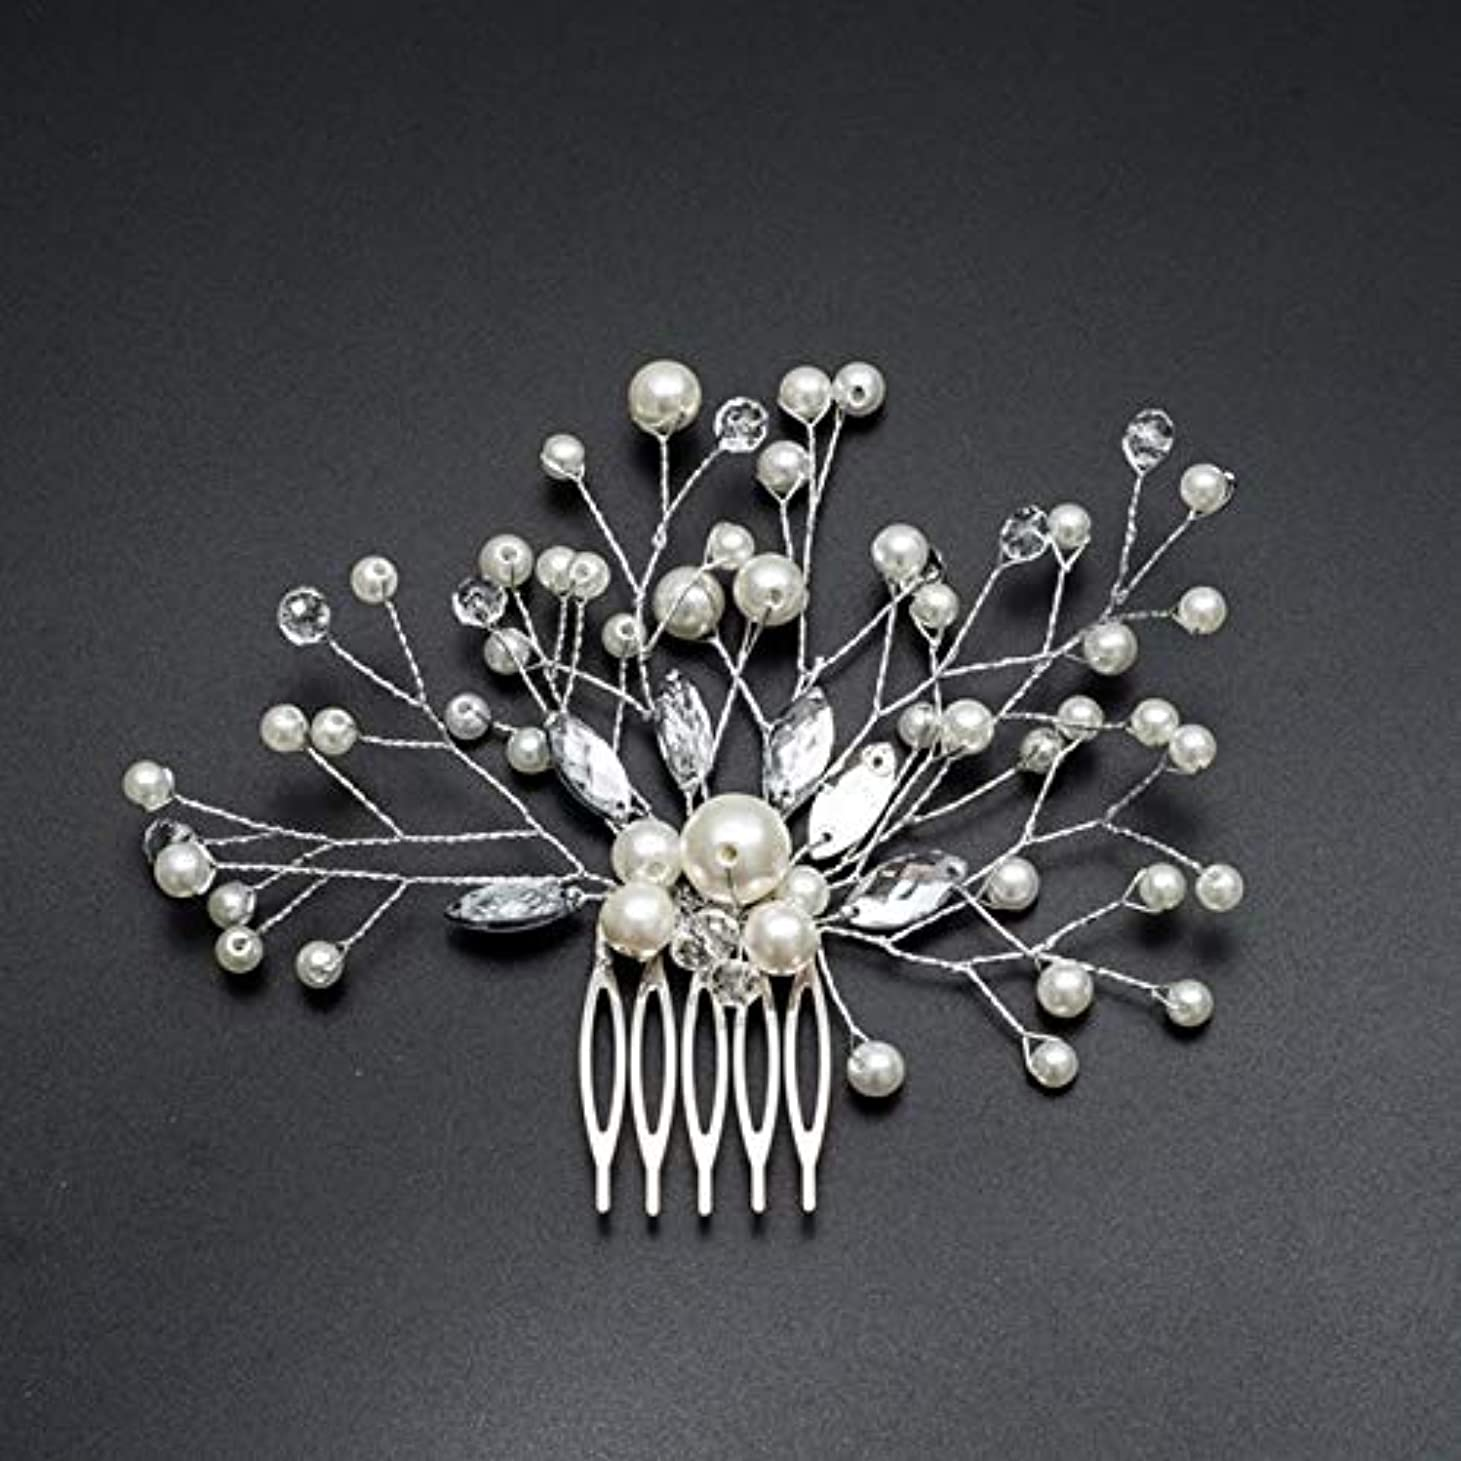 残高ボックスコインランドリーHairpinheair YHMパール女性のヘアコーム結婚式のヘアアクセサリーヘアピンラインストーンティアラブライダルクリップクリスタルクラウン花嫁の髪の宝石類(シルバー) (色 : Silver)